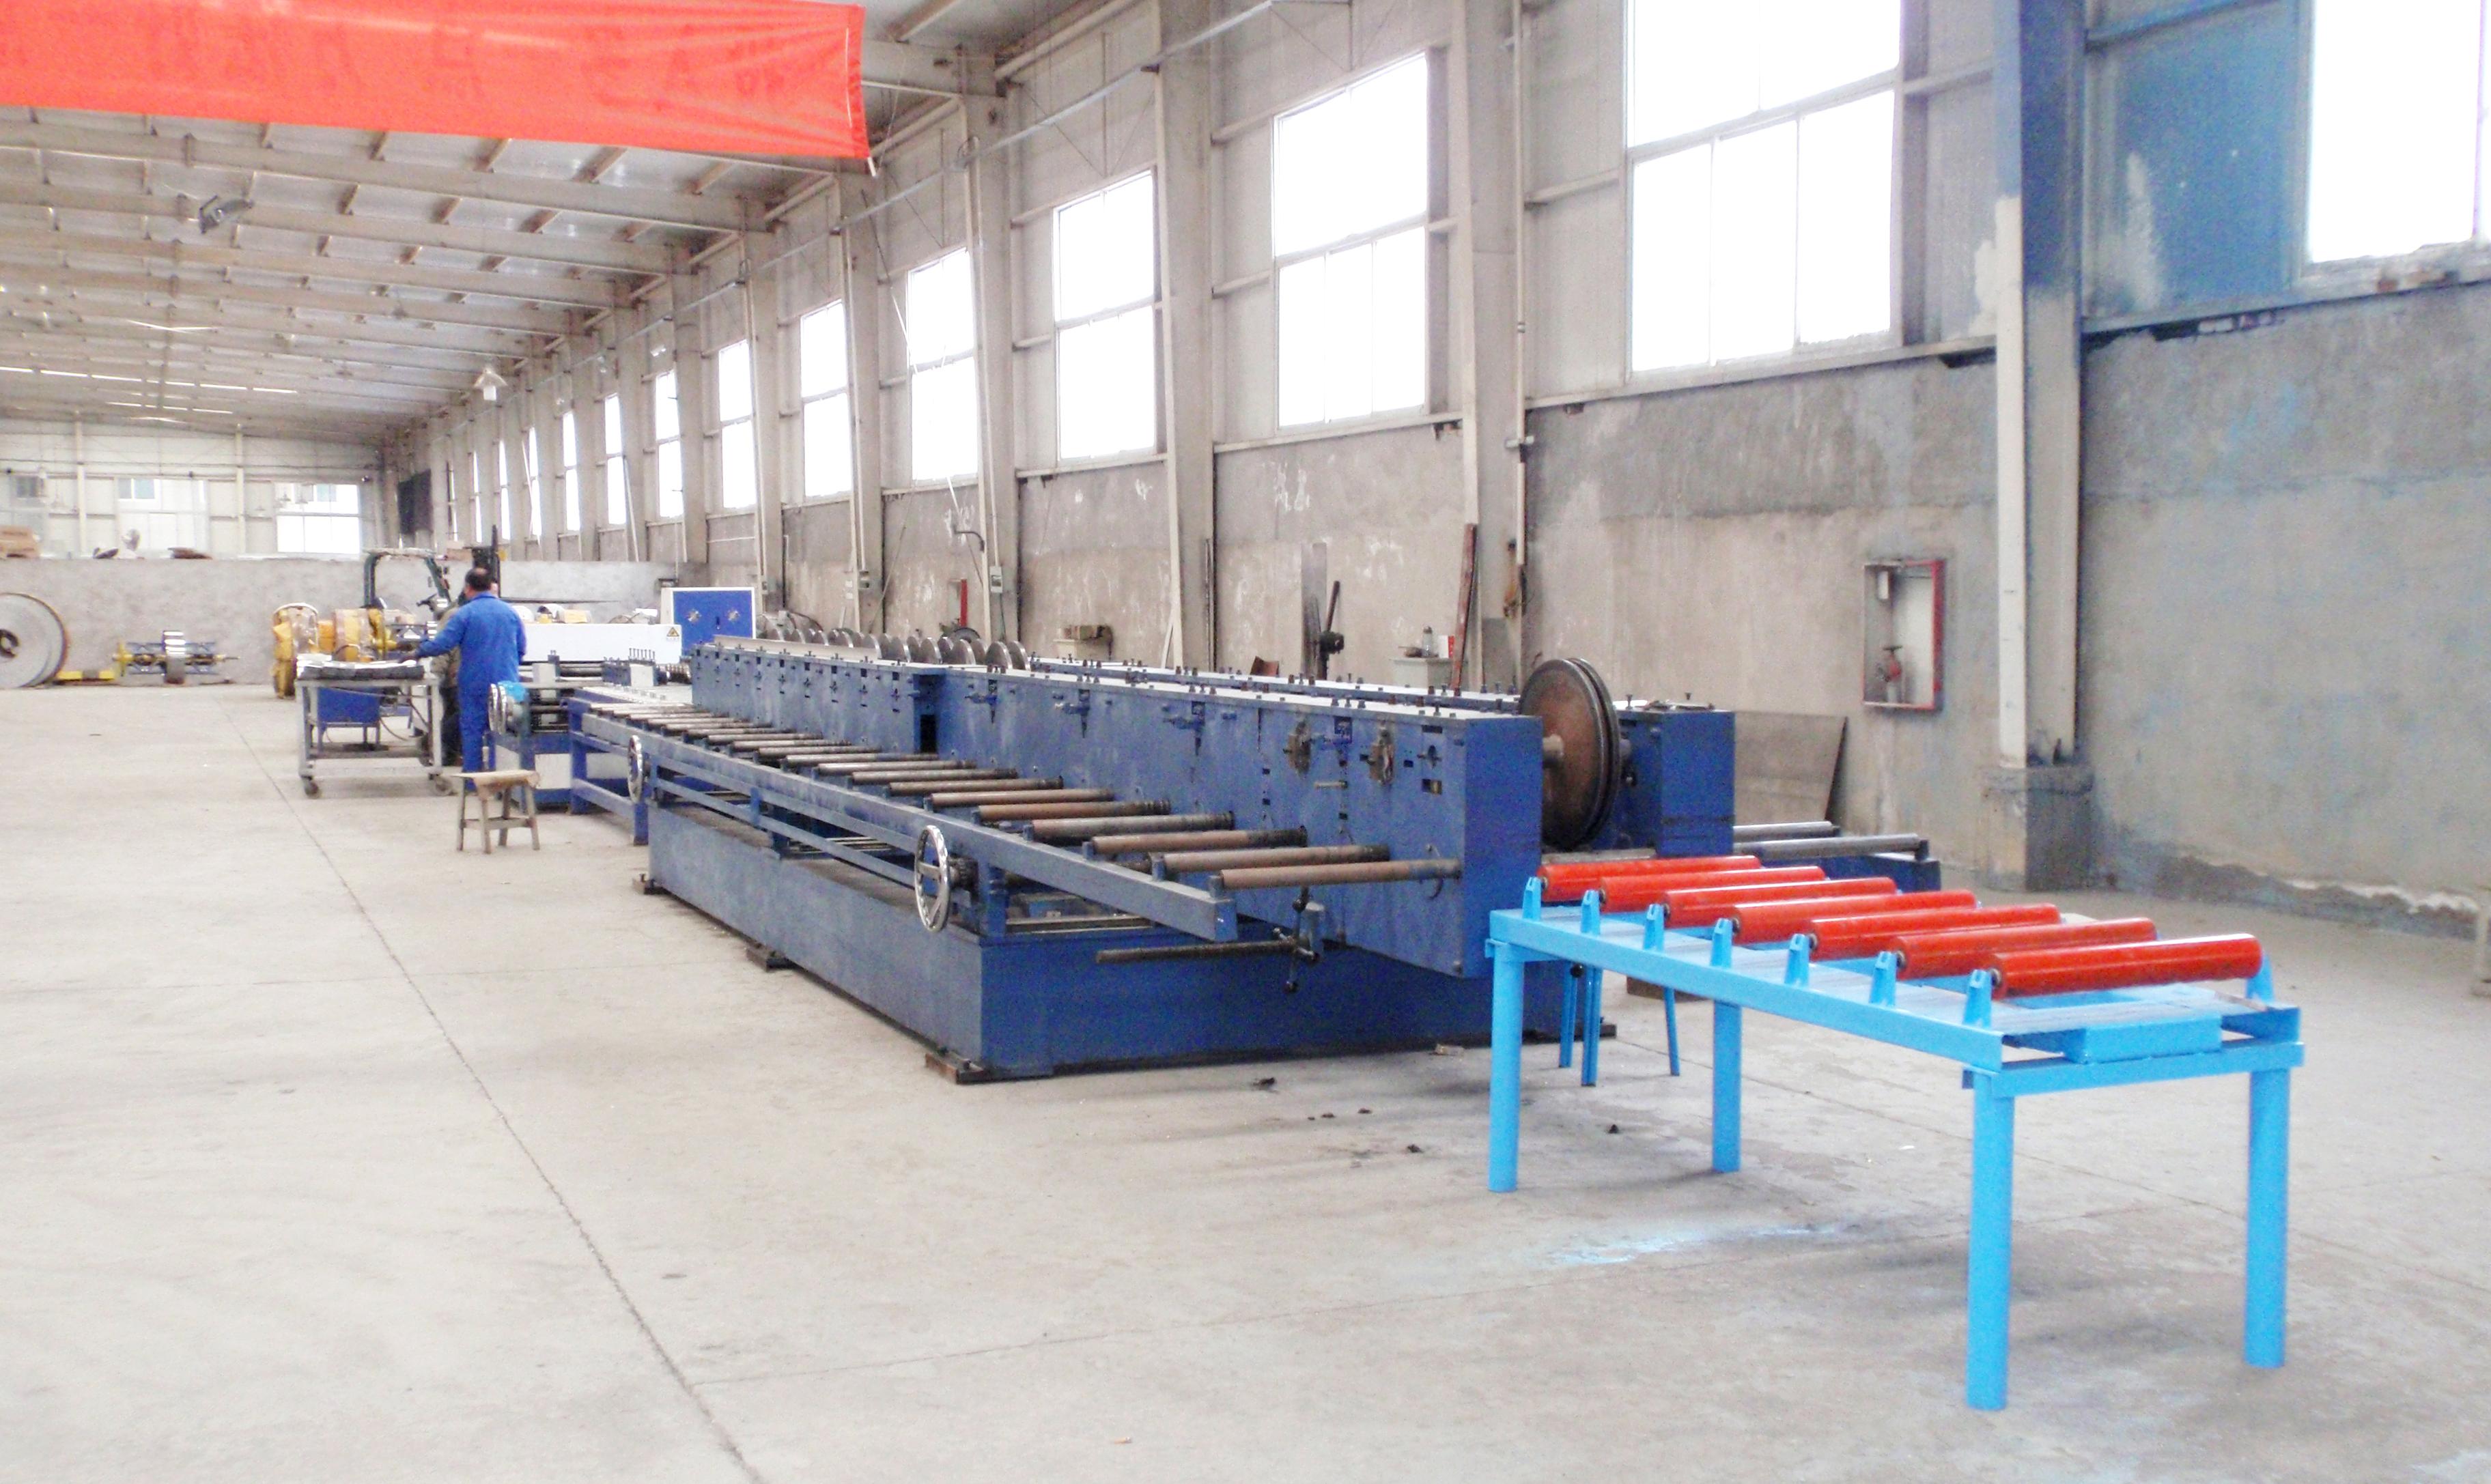 供应电缆桥架生产线 天津科瑞嘉机电技术有限公司开发的经济型电缆桥架生产线